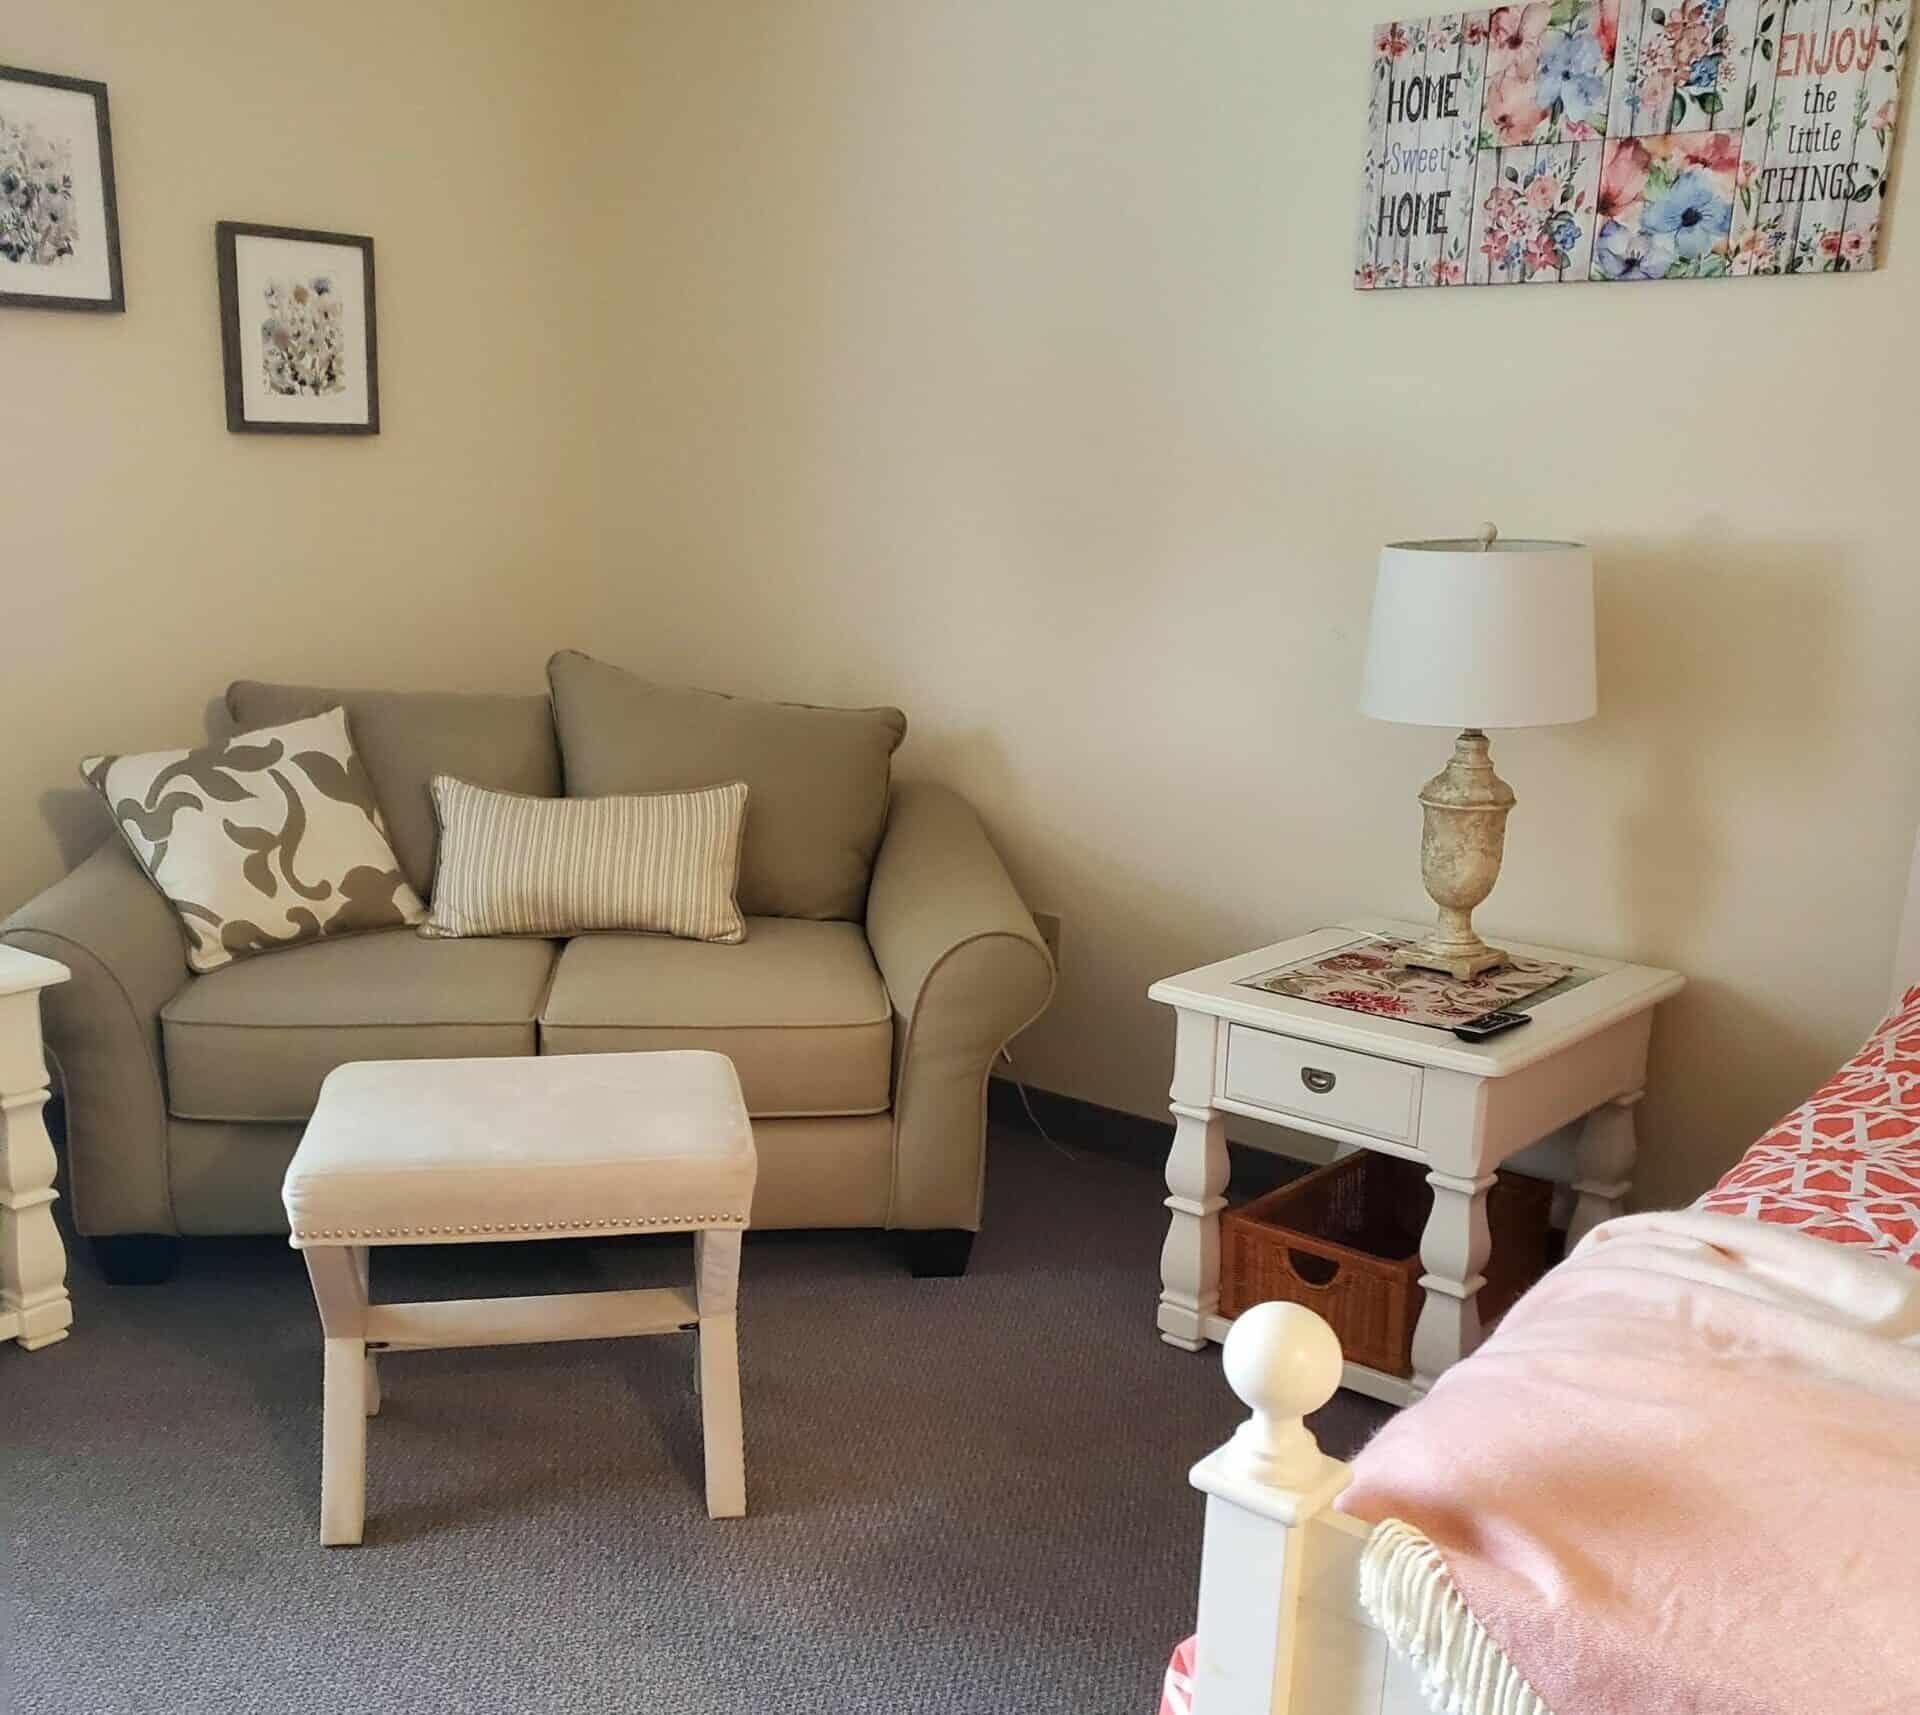 studio apartment at whispering pines senior living in Columbiana, Ohio